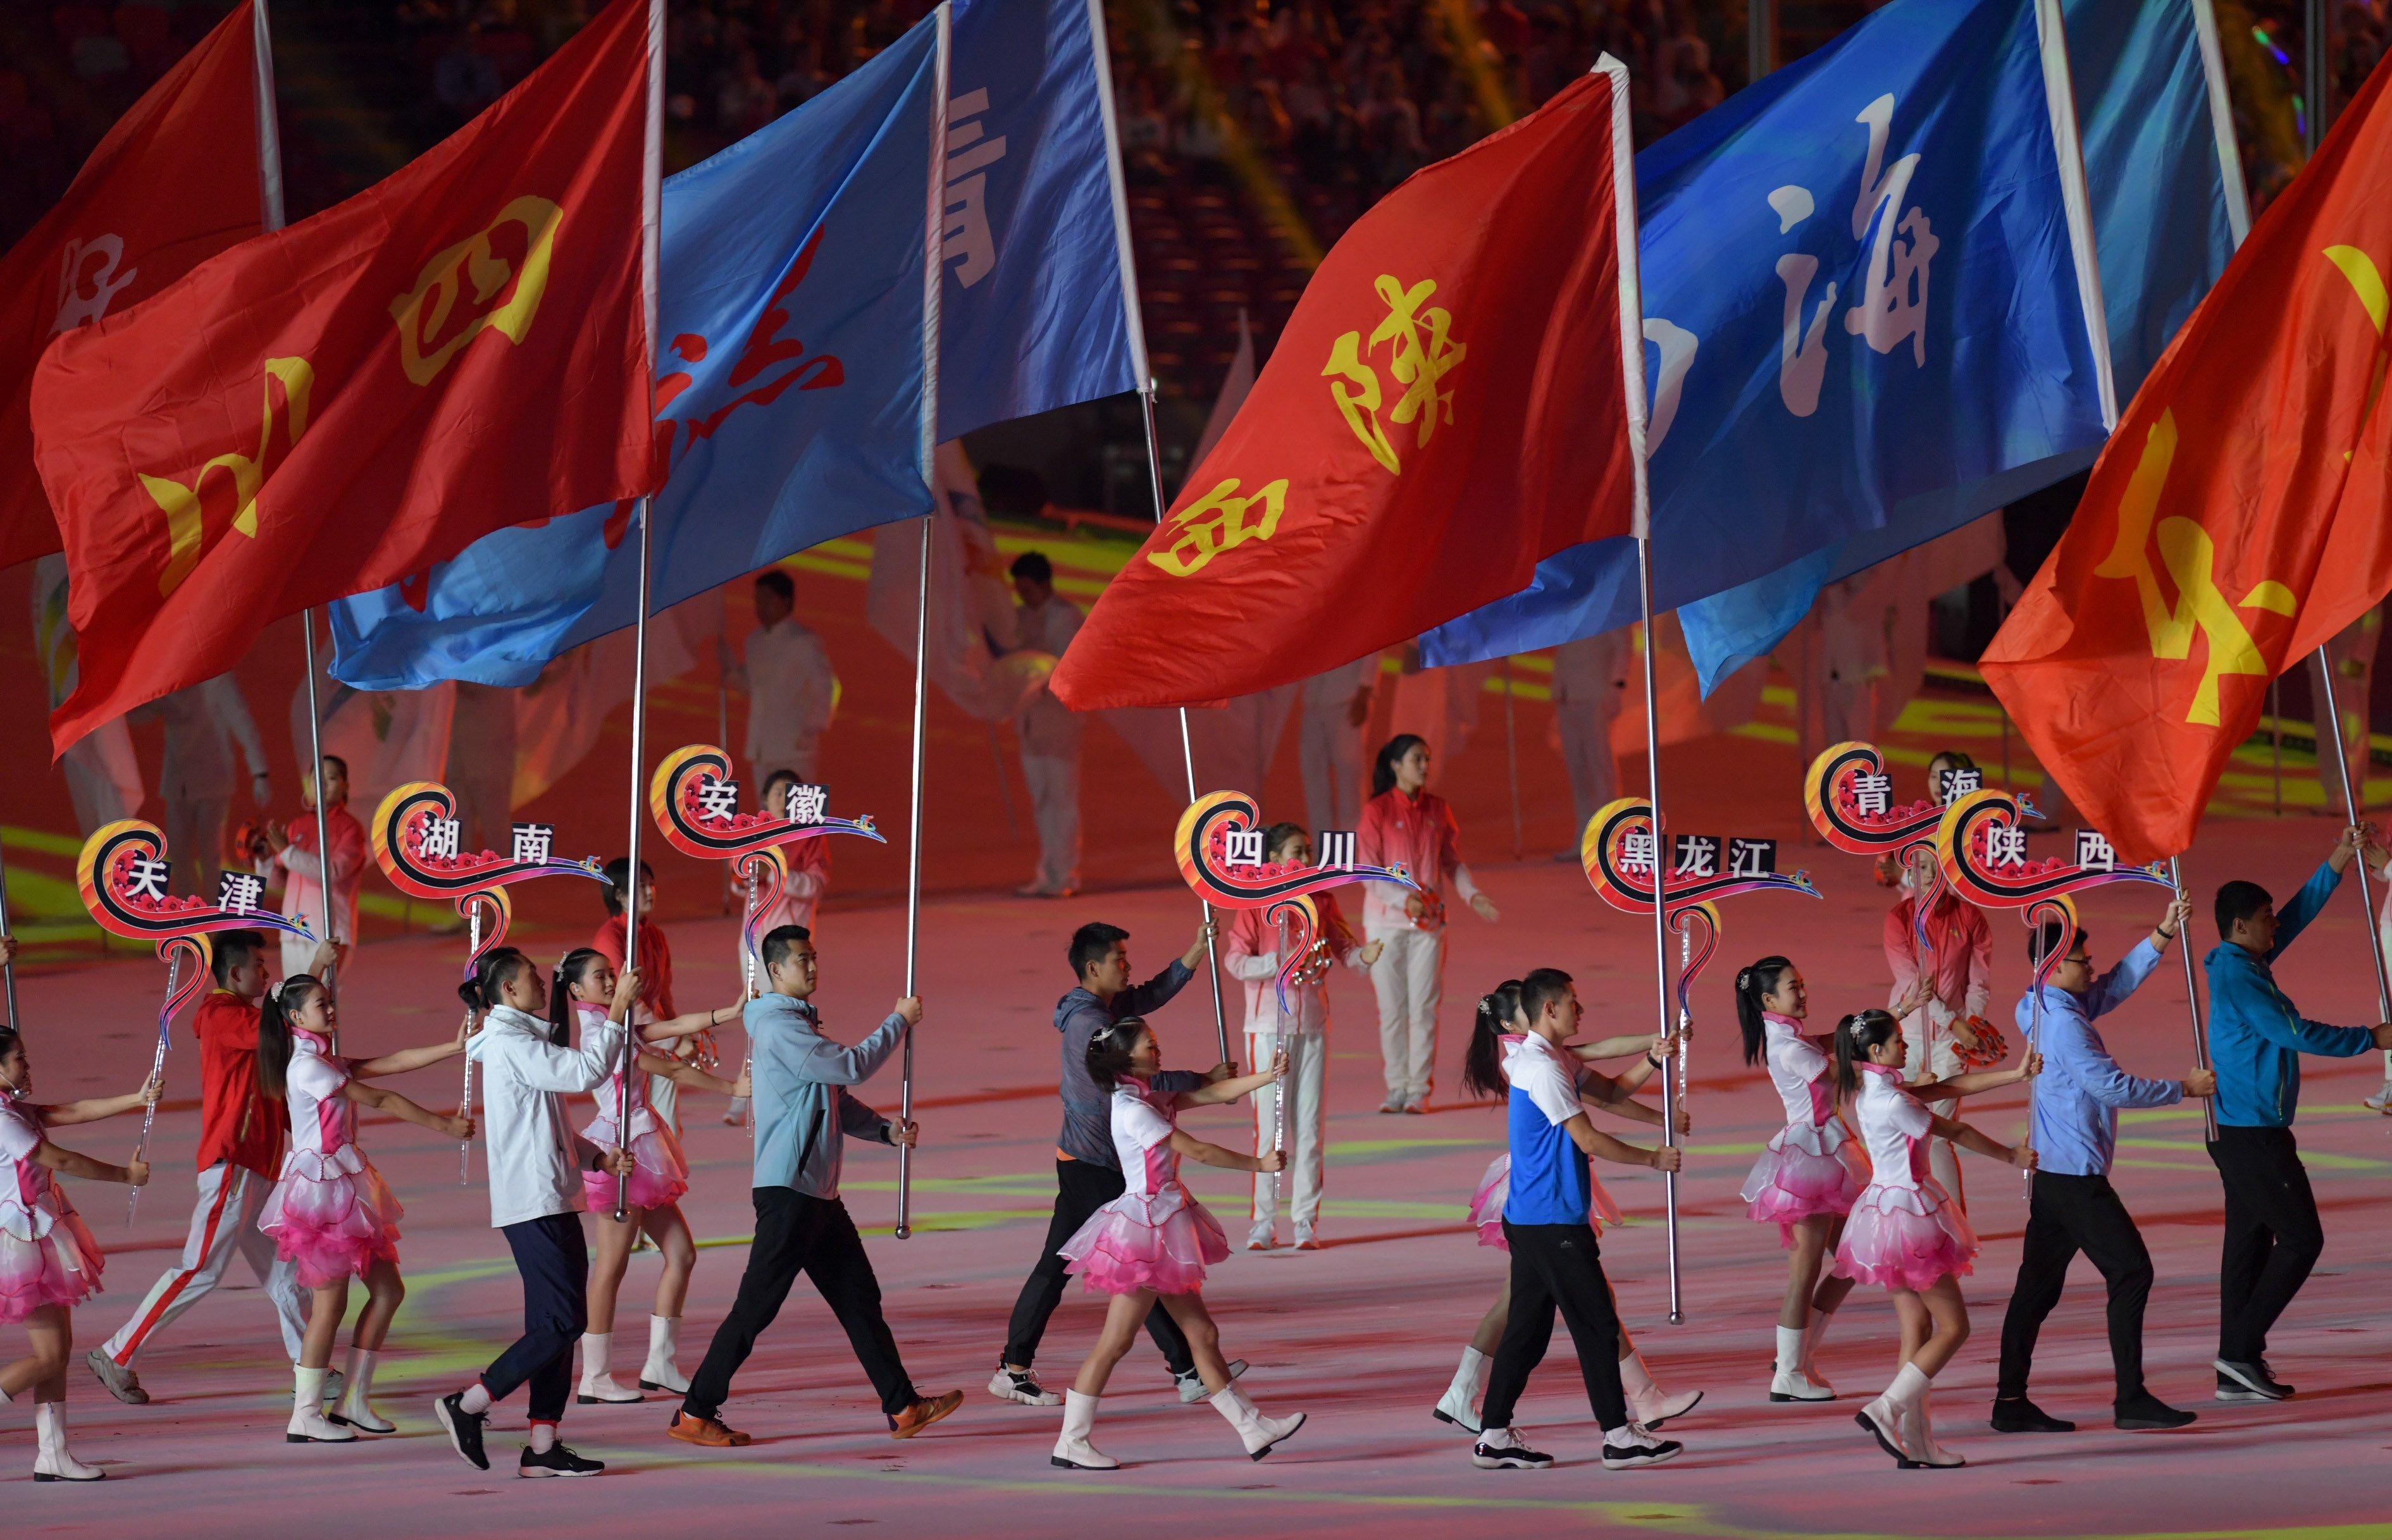 Concluyen XI Juegos Etnicos de China en Zhengzhou